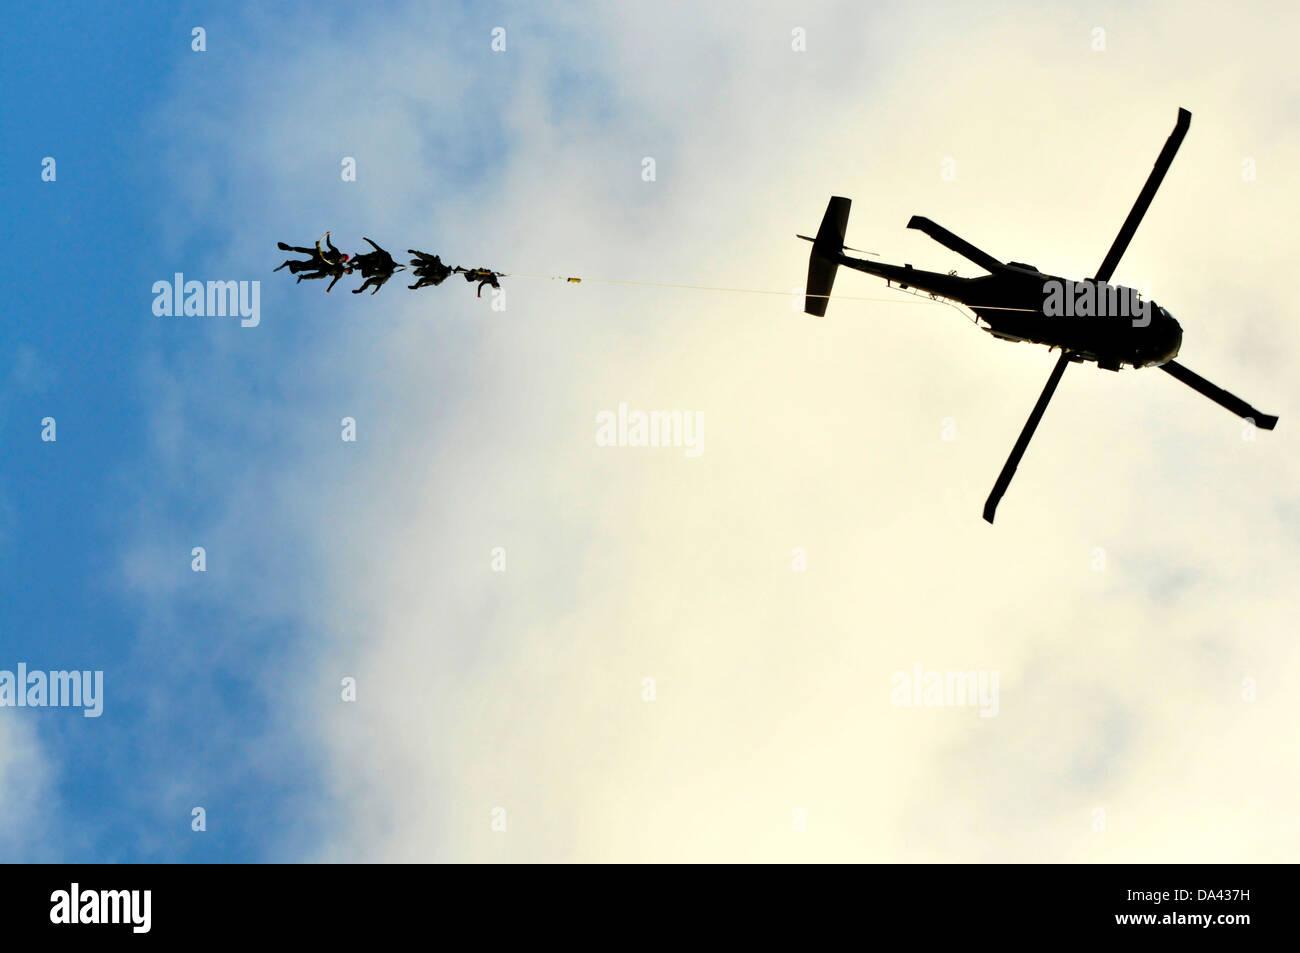 US Navy SEAL team cuelgan los miembros de la patrulla especial de inserción y extracción de cuerda atada Imagen De Stock